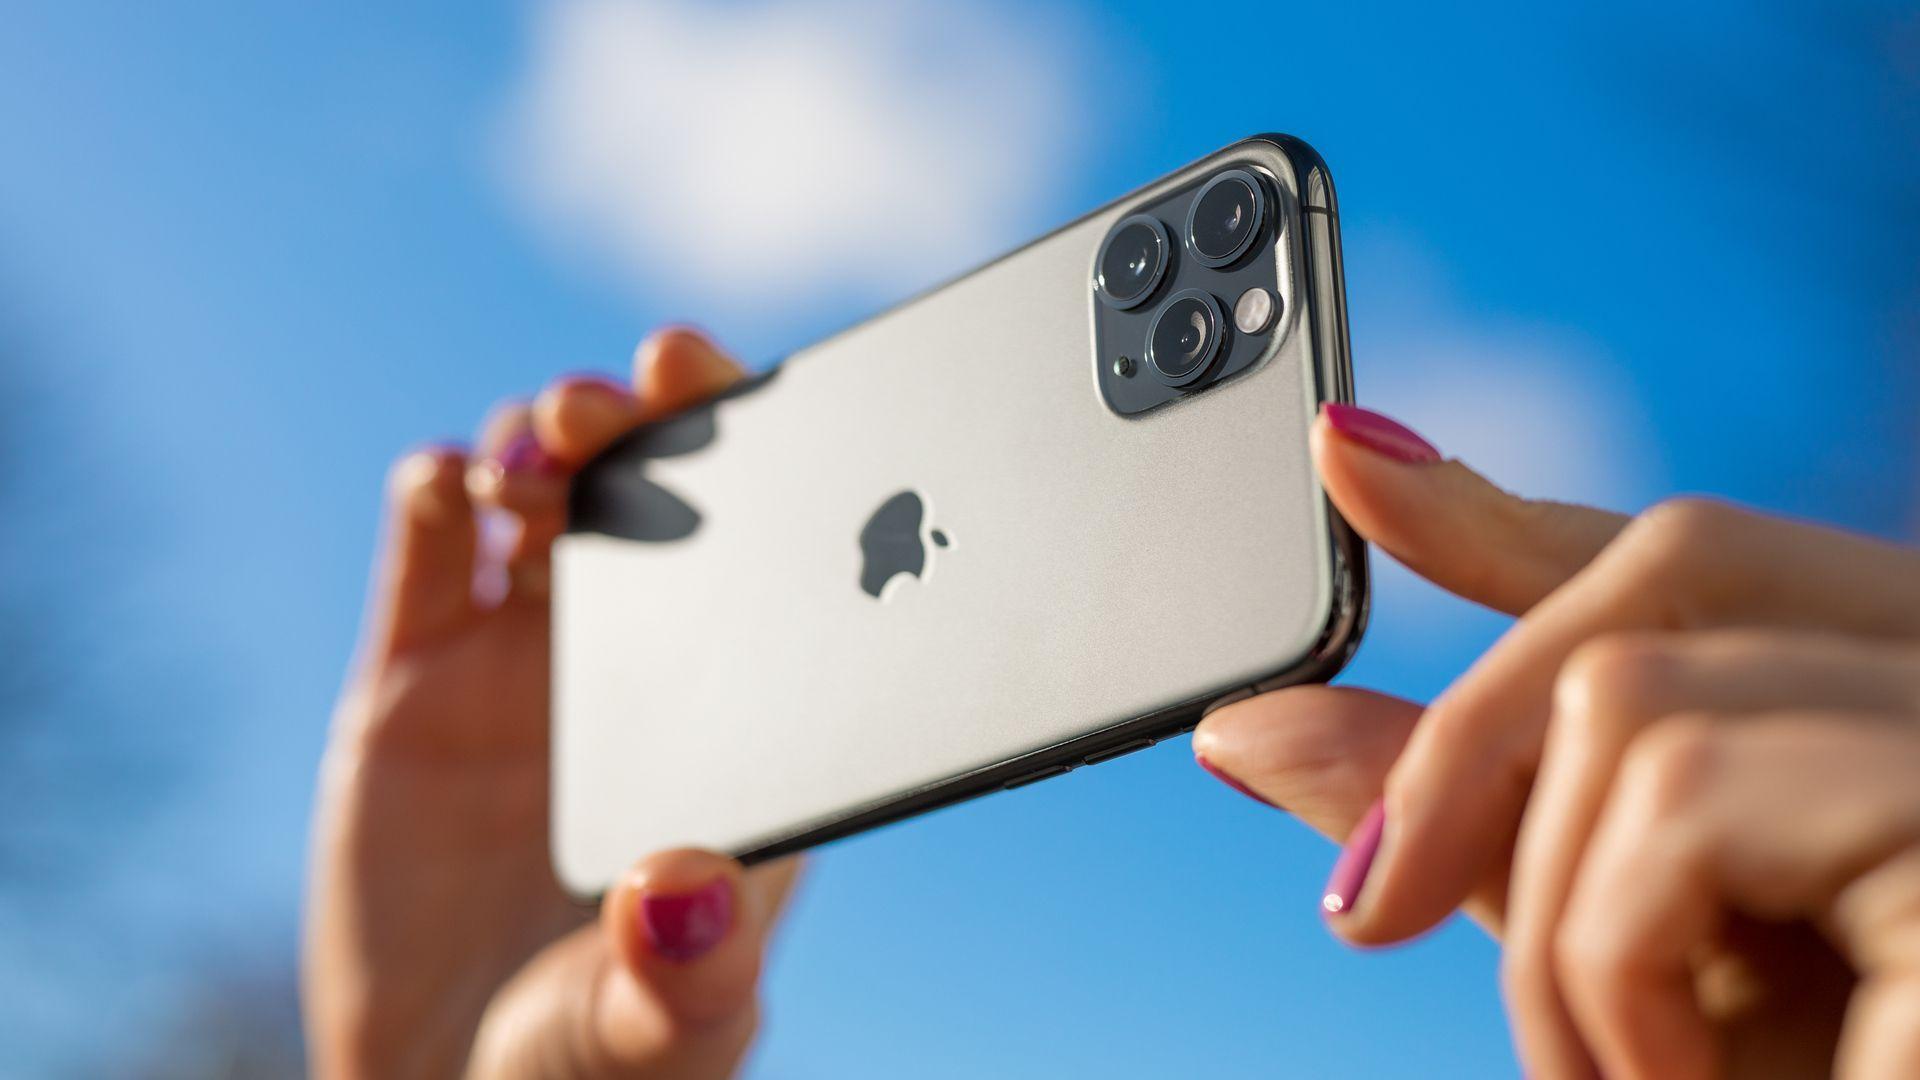 Foto de uma pessoa usando o iPhone 11 Pro Max para tirar fotos